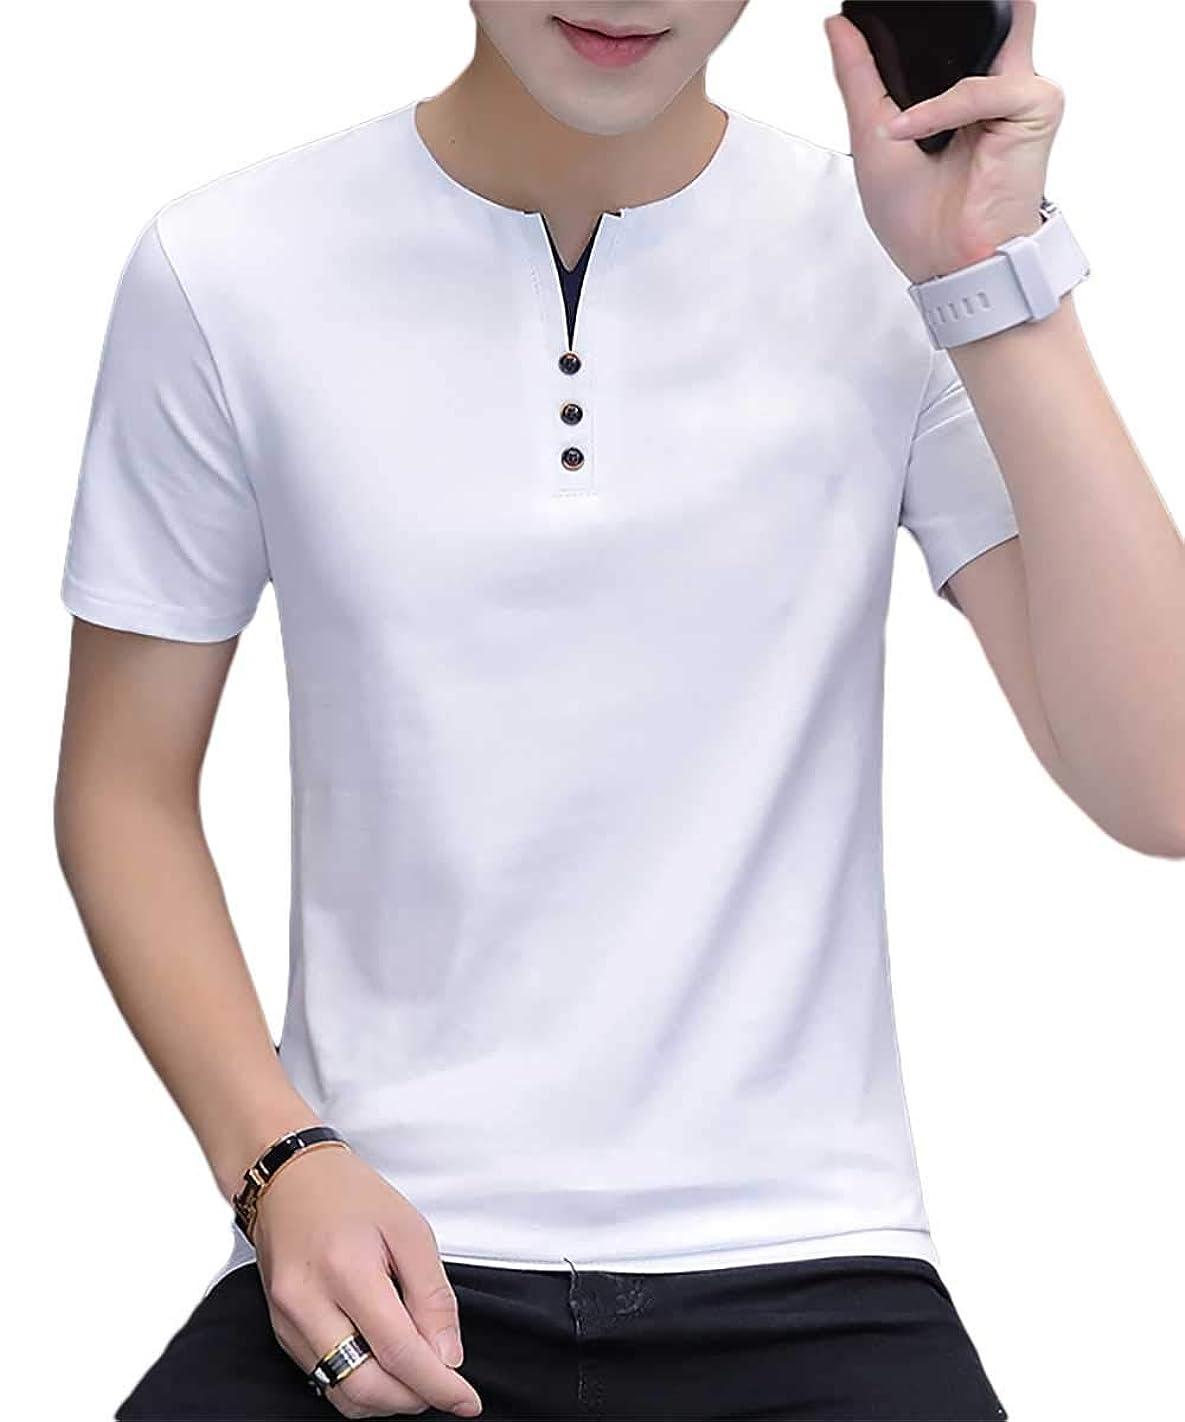 挑む戦い呪われた[meryueru(メリュエル)] フェイクボタン ヘンリーネック tシャツ カジュアル サマー トップス 半袖 シャツ メンズ